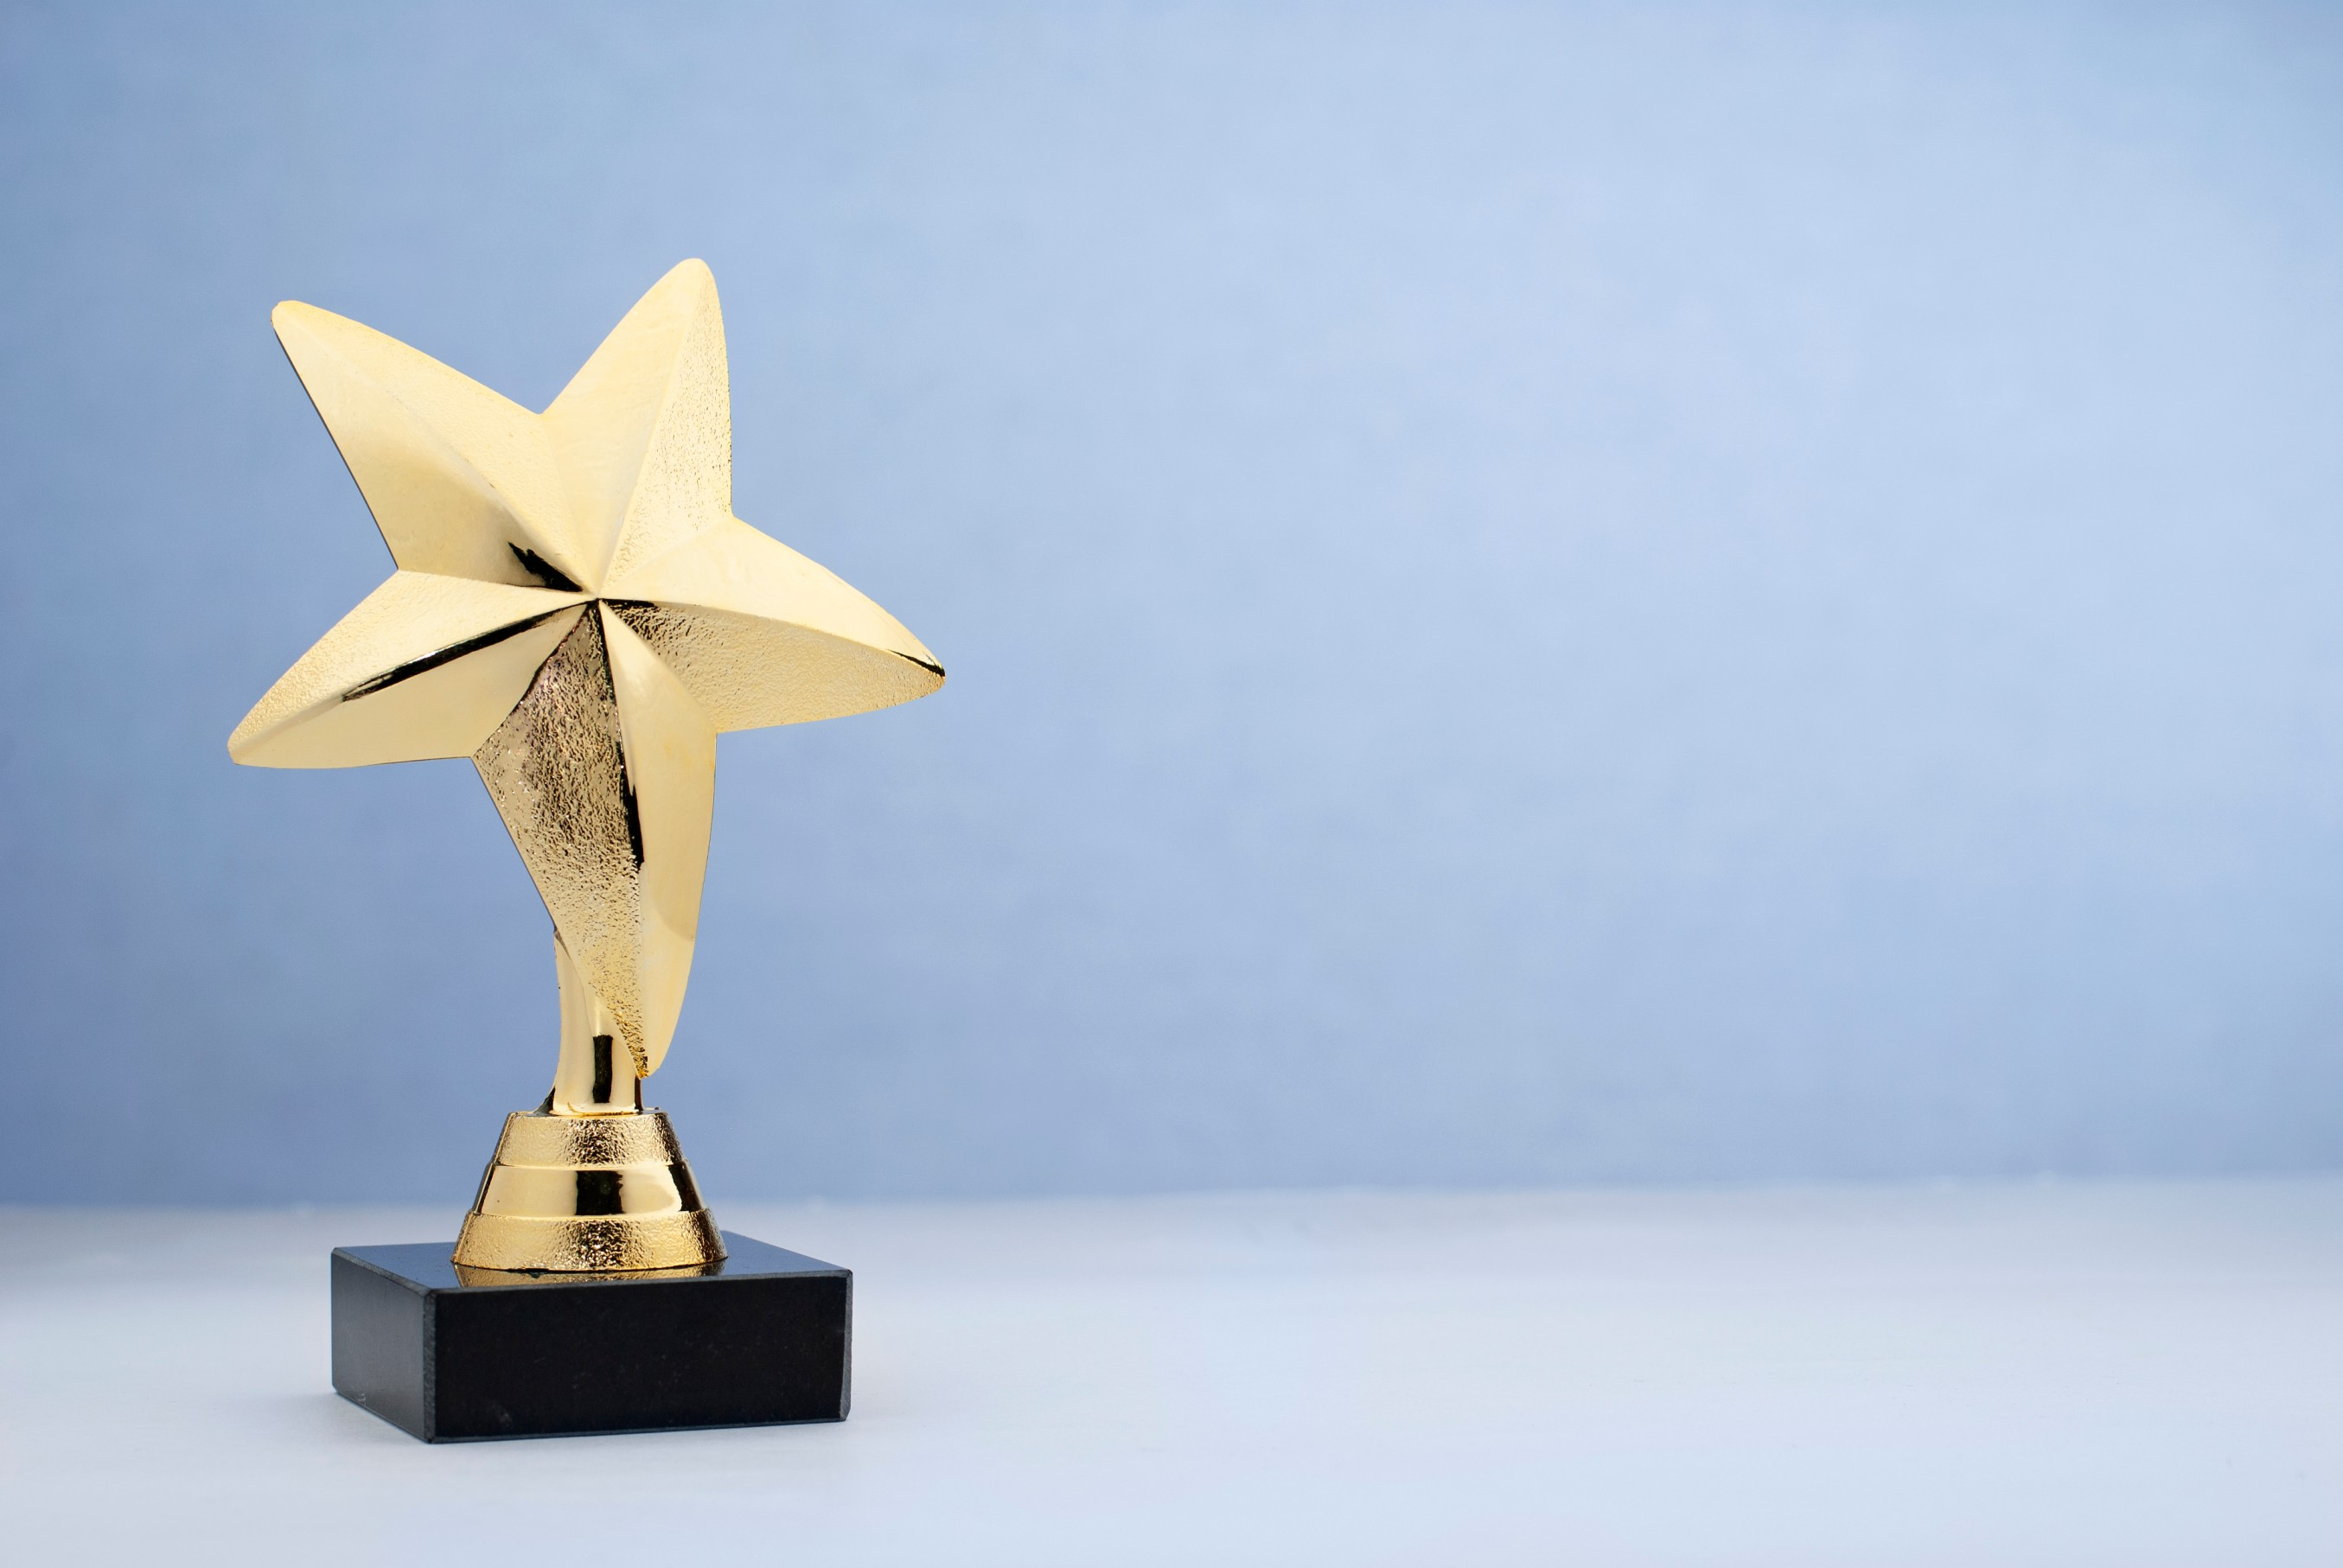 Star shaped golden trophy for rewarding